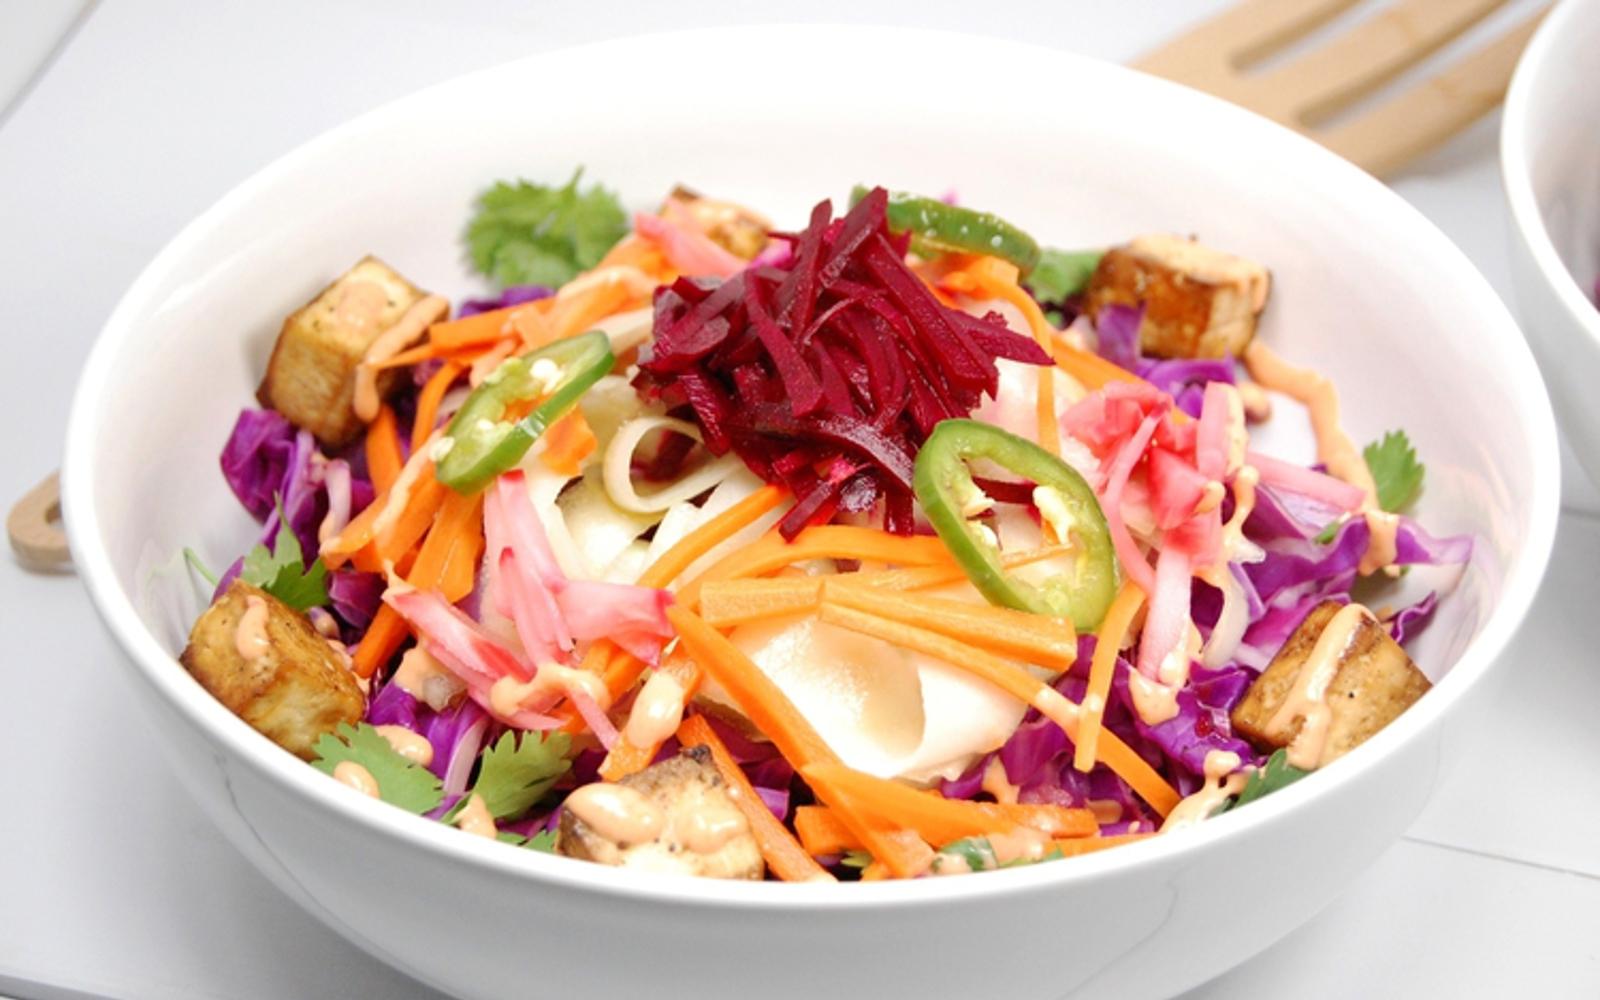 Tofu Banh Mi Salad With Pickled Vegetables